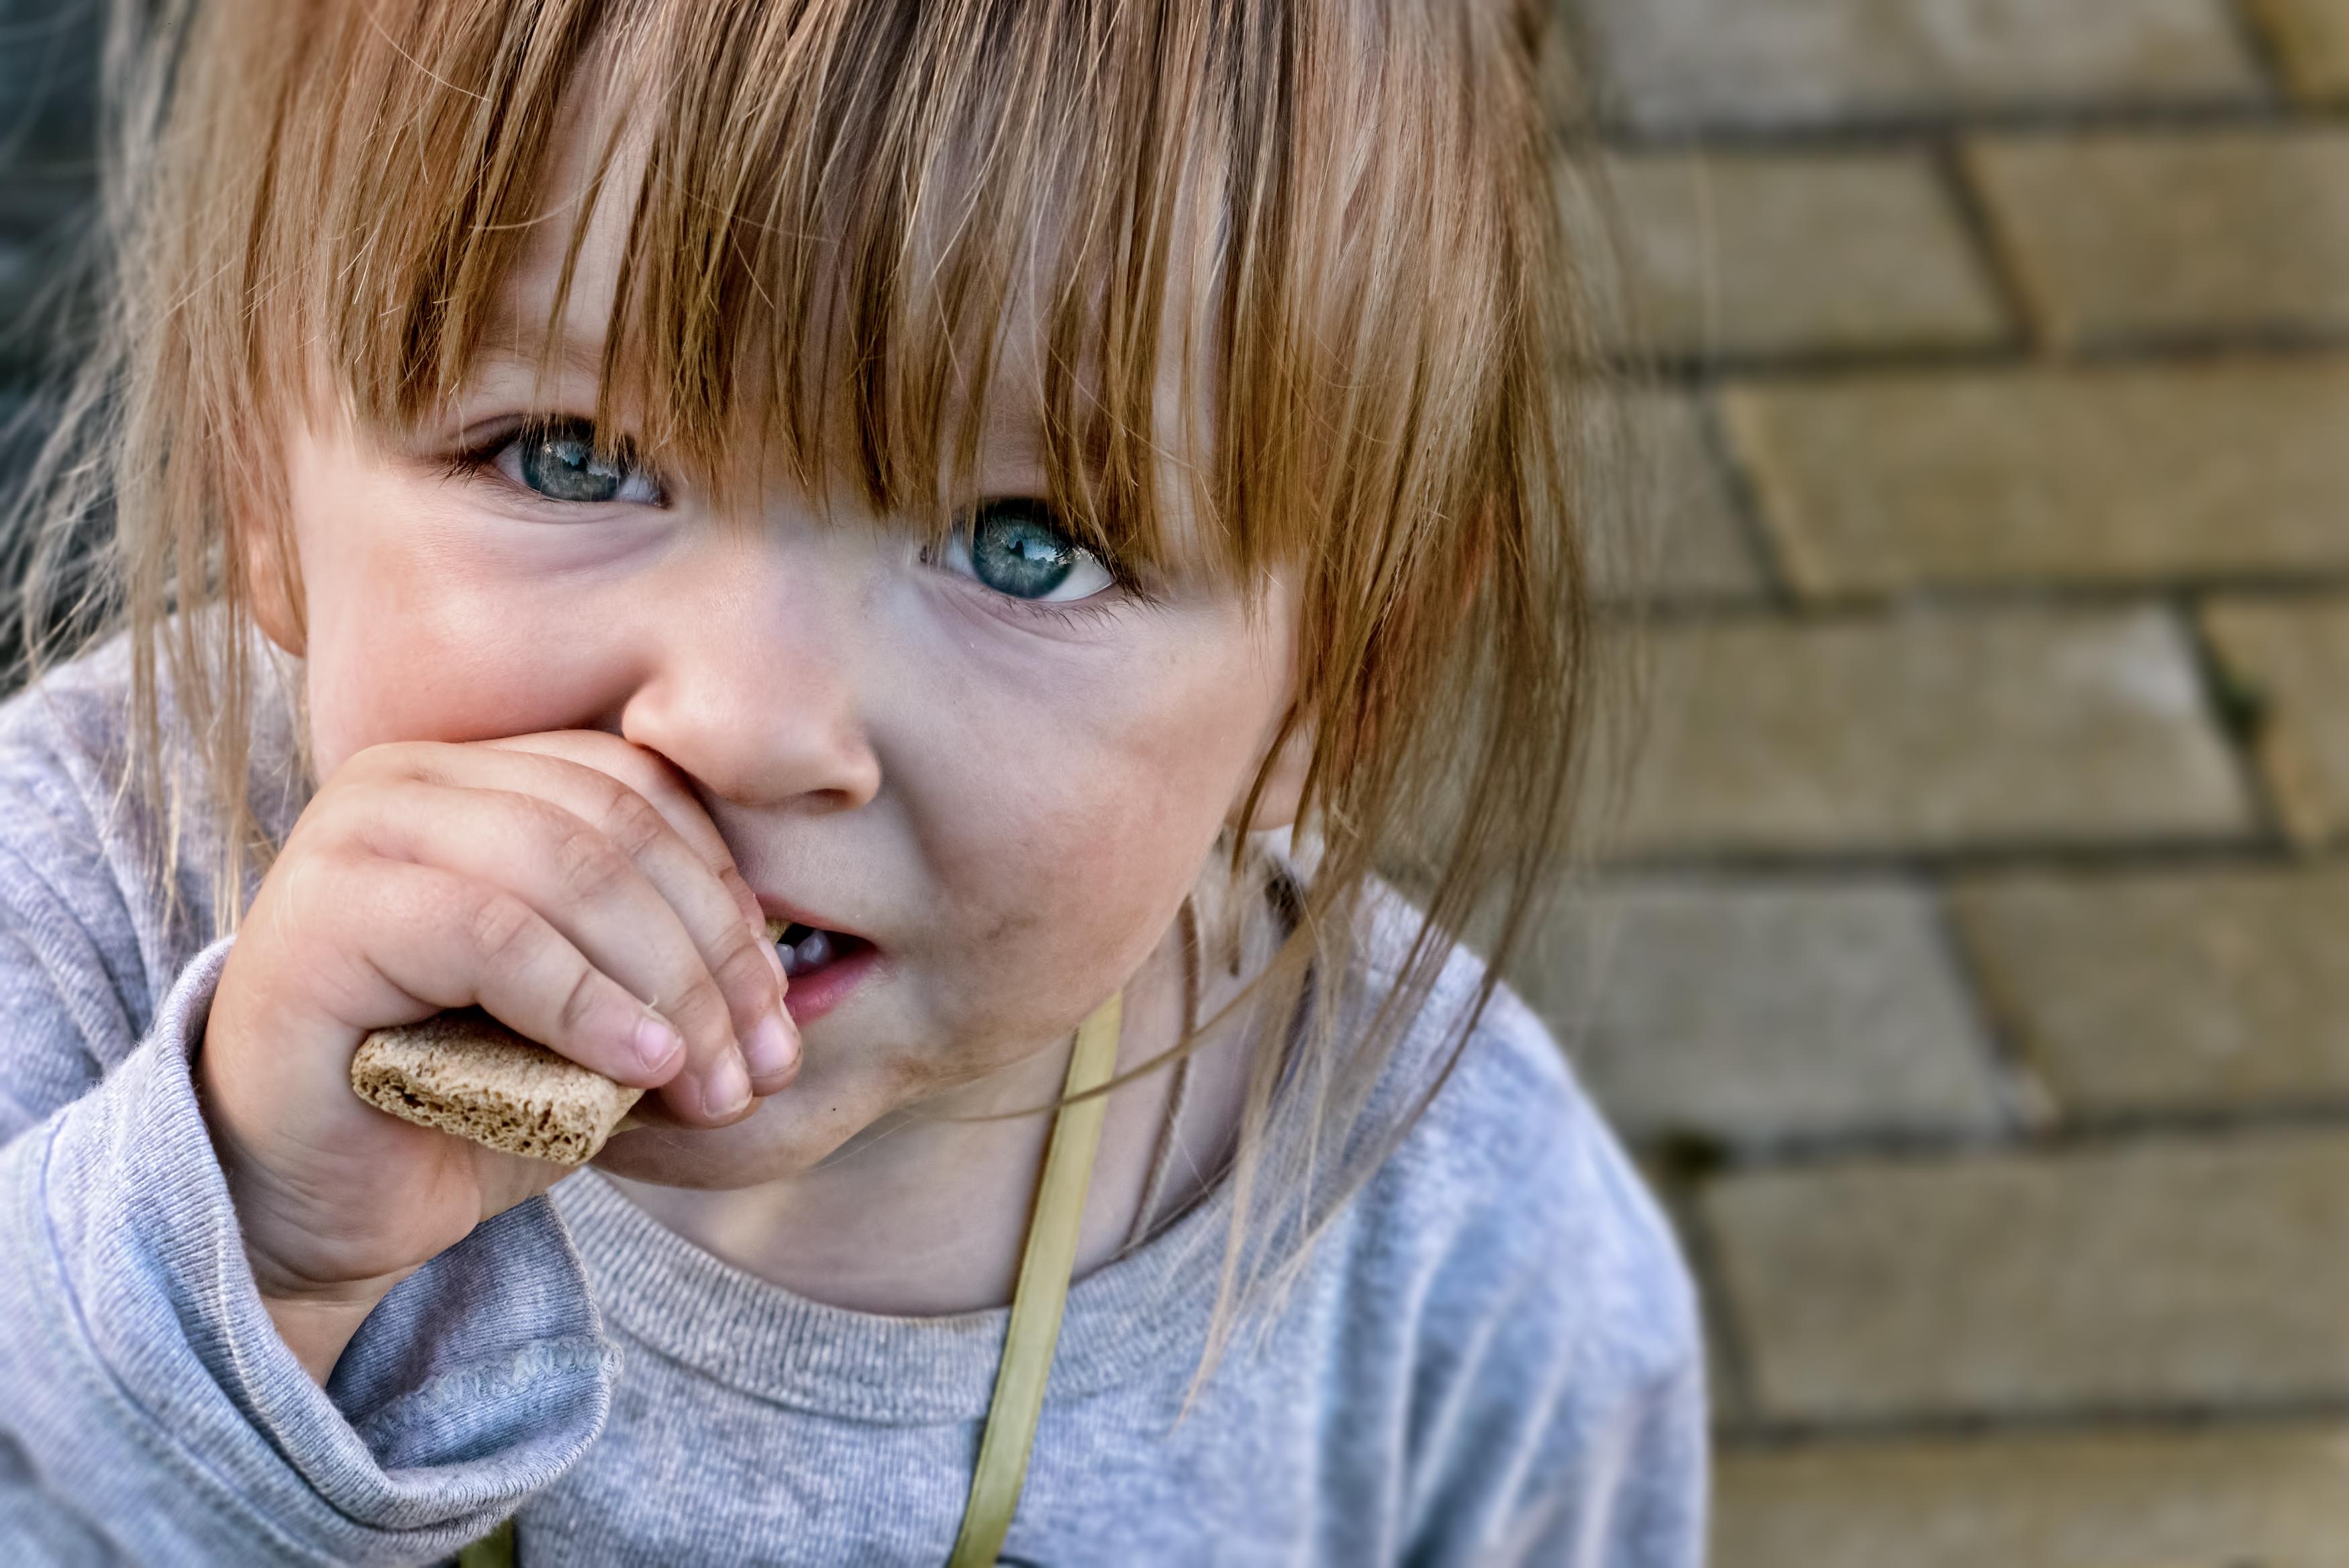 UNICEF: Peste 1,3 milioane de copii români, în risc de sărăcie. Pandemia i-a făcut mai vulnerabili